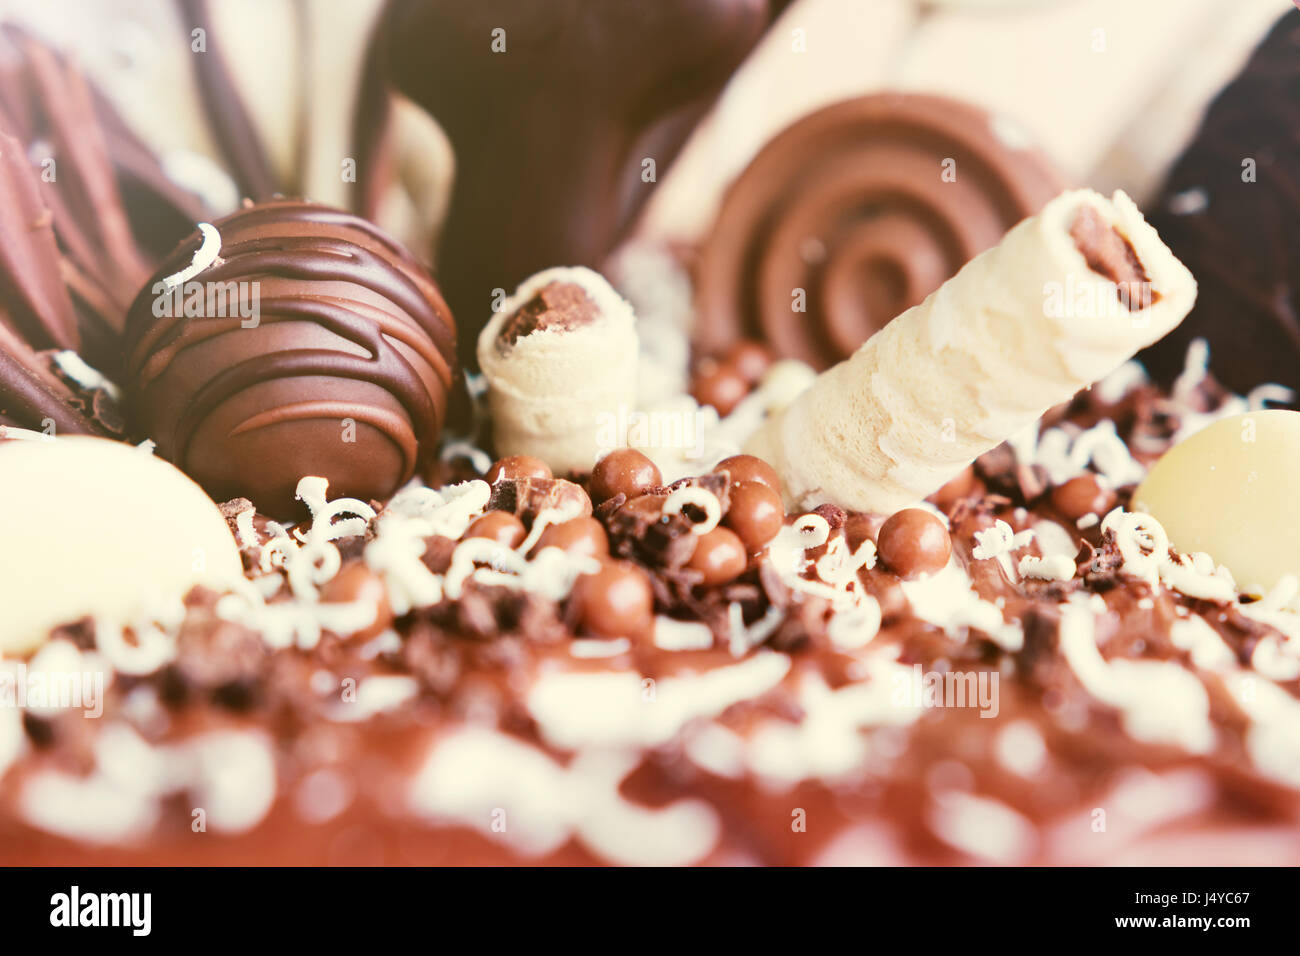 Décoration gâteau au chocolat détails. Photo Stock